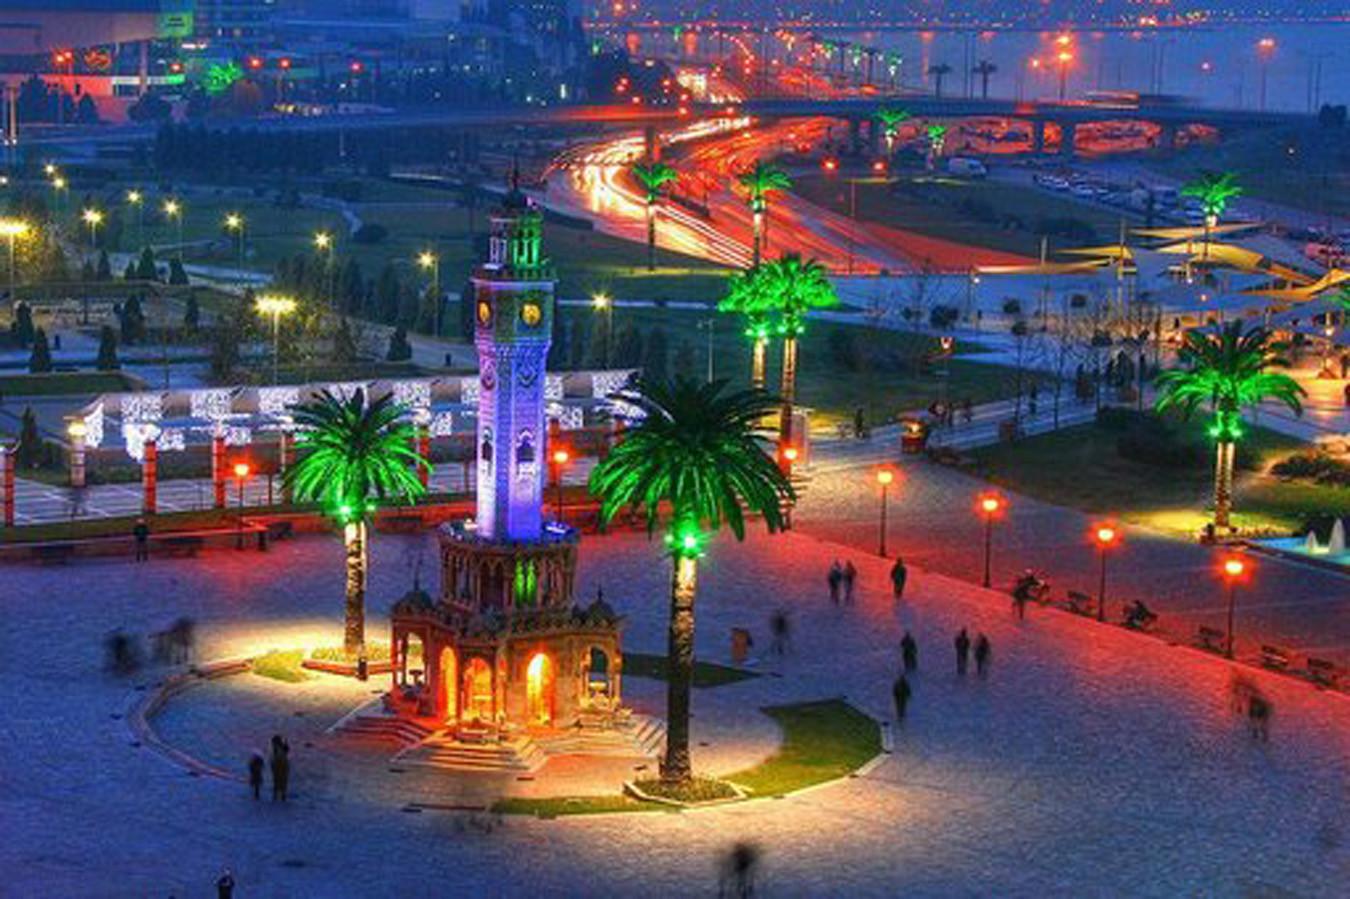 Vivir y estudiar en Izmir